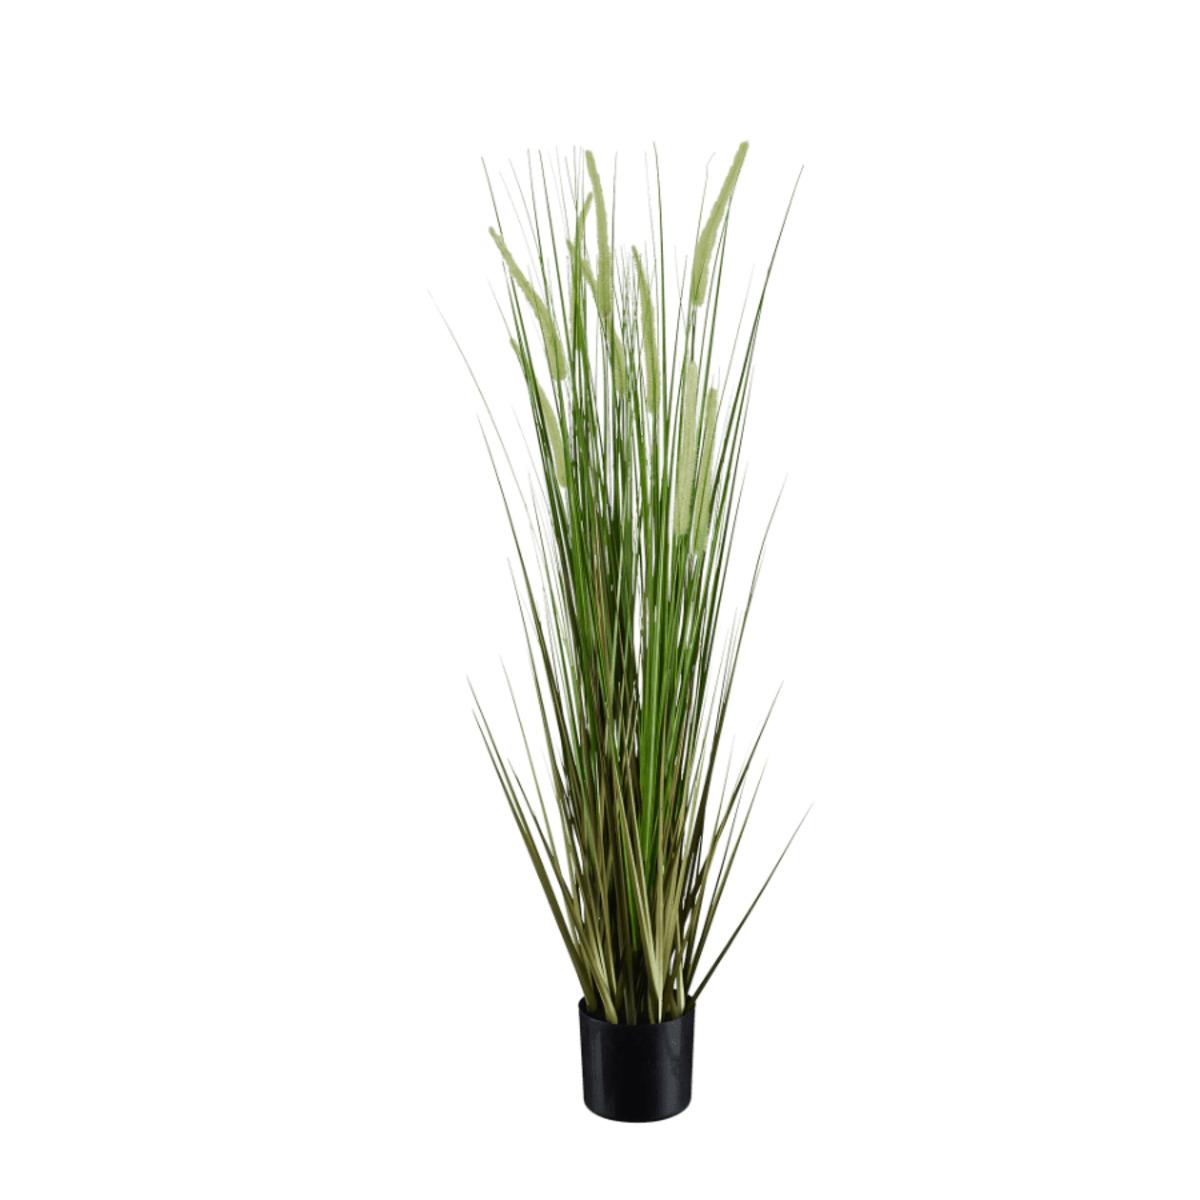 Bild 3 von LIVING ART     Künstliche Pflanze